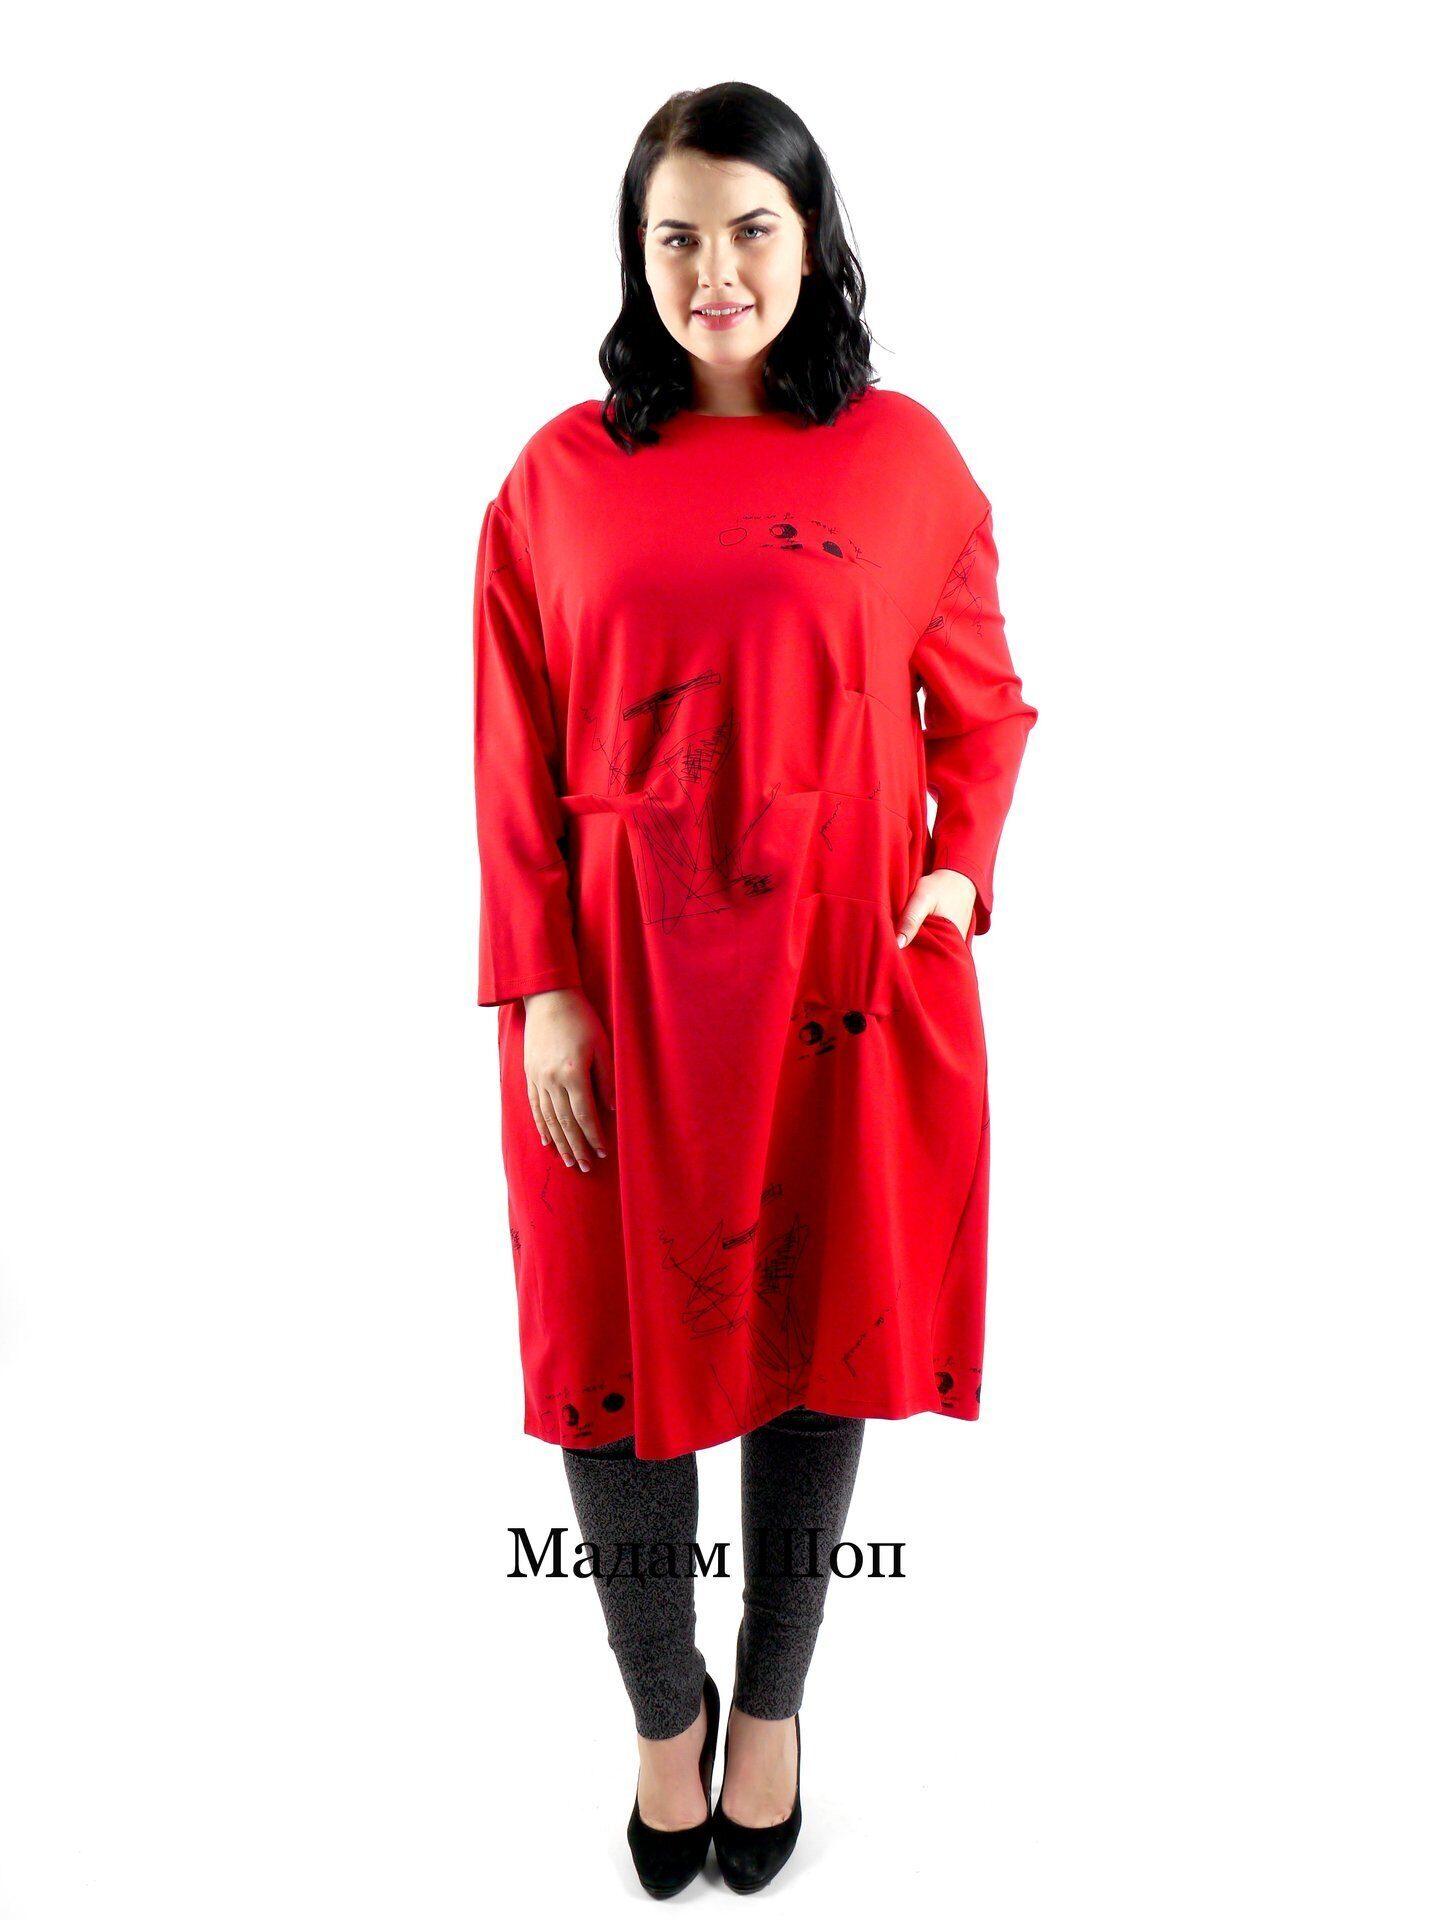 7fce69fbc94 Модная красная туника-платье ниже колена с необычным длинным рукавом и  карманом. Экстравагантный образ